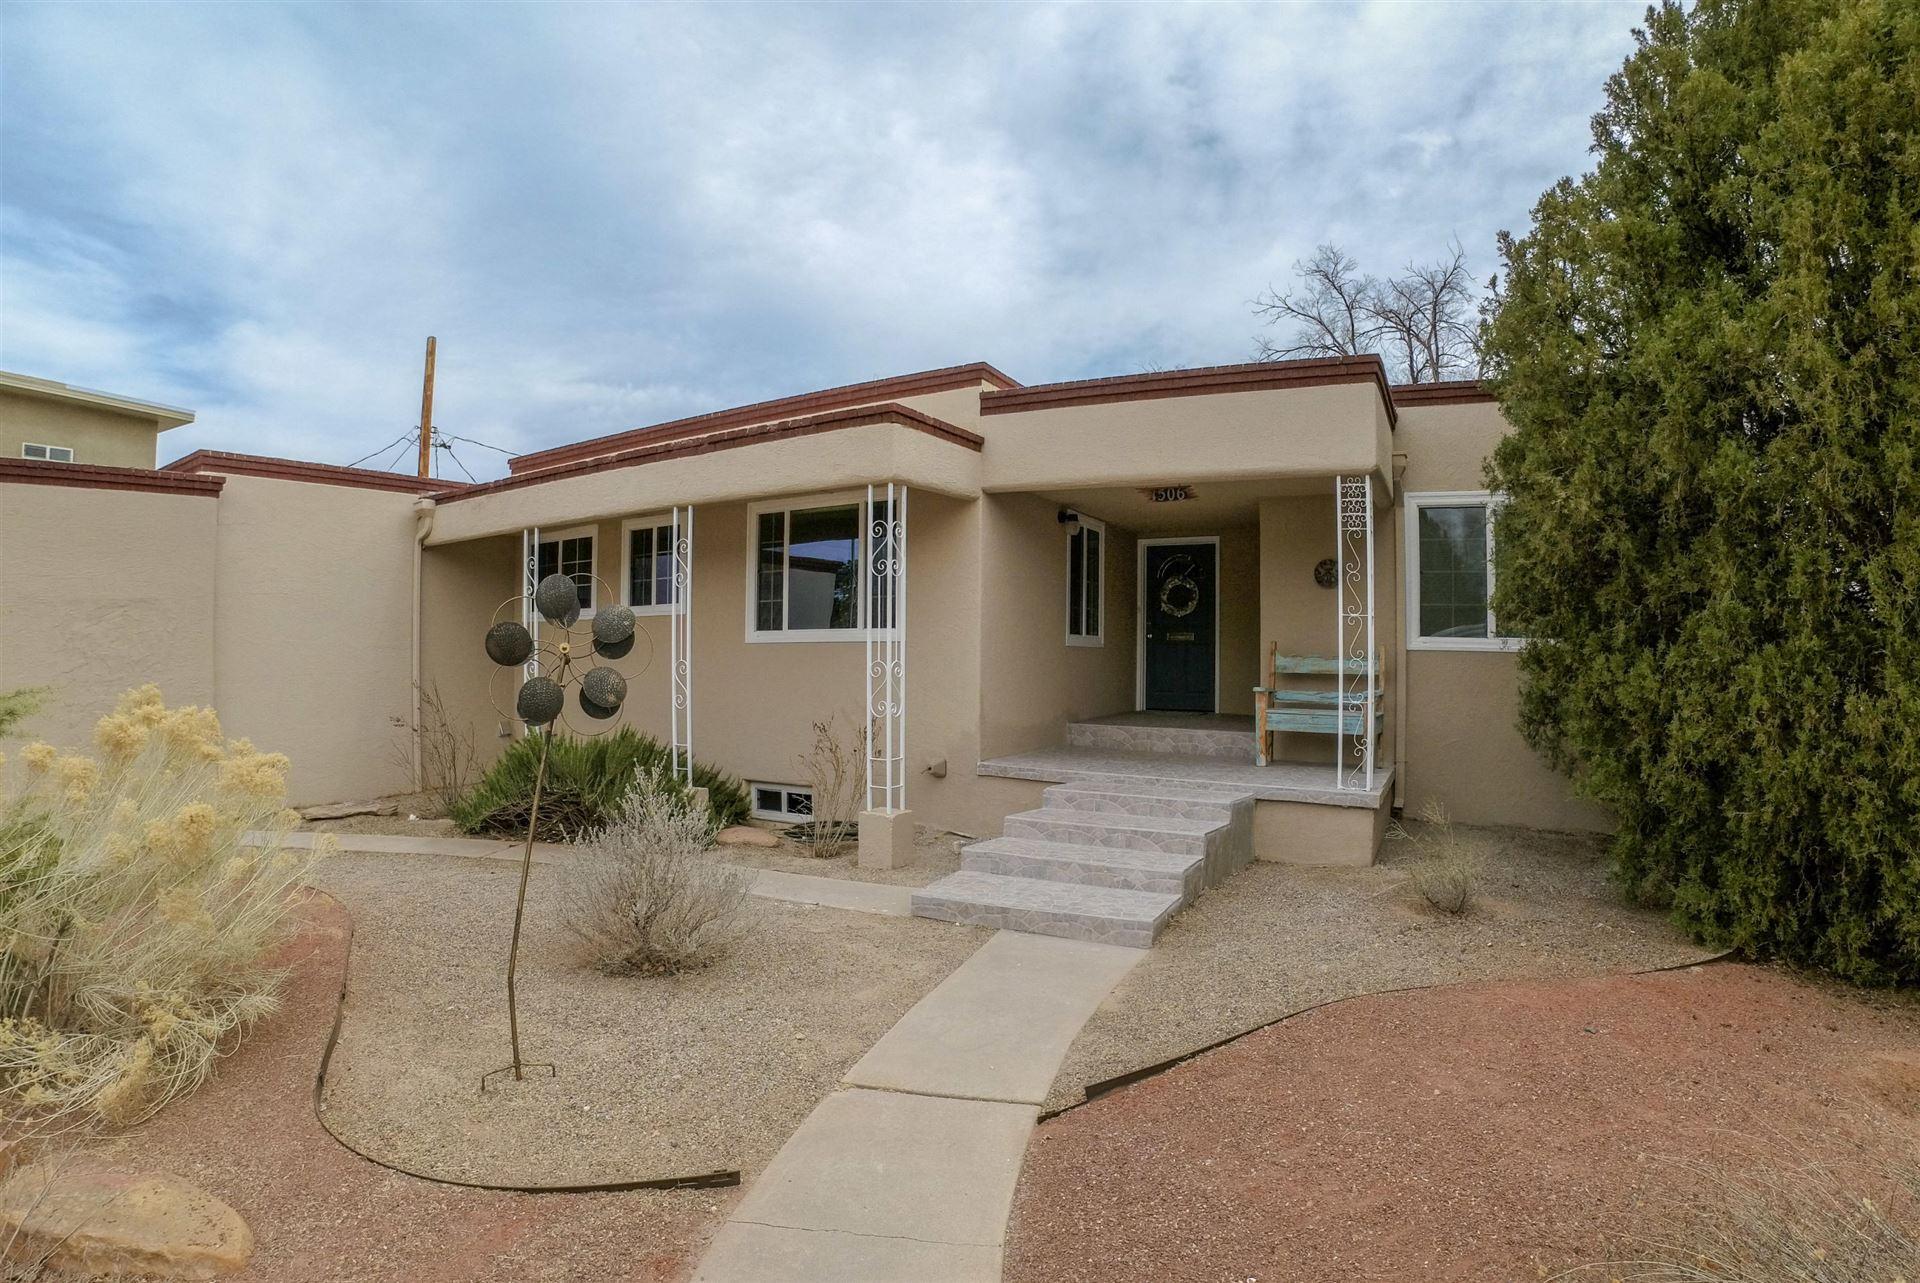 1506 VISTA LARGA Court NE, Albuquerque, NM 87106 - MLS#: 985738